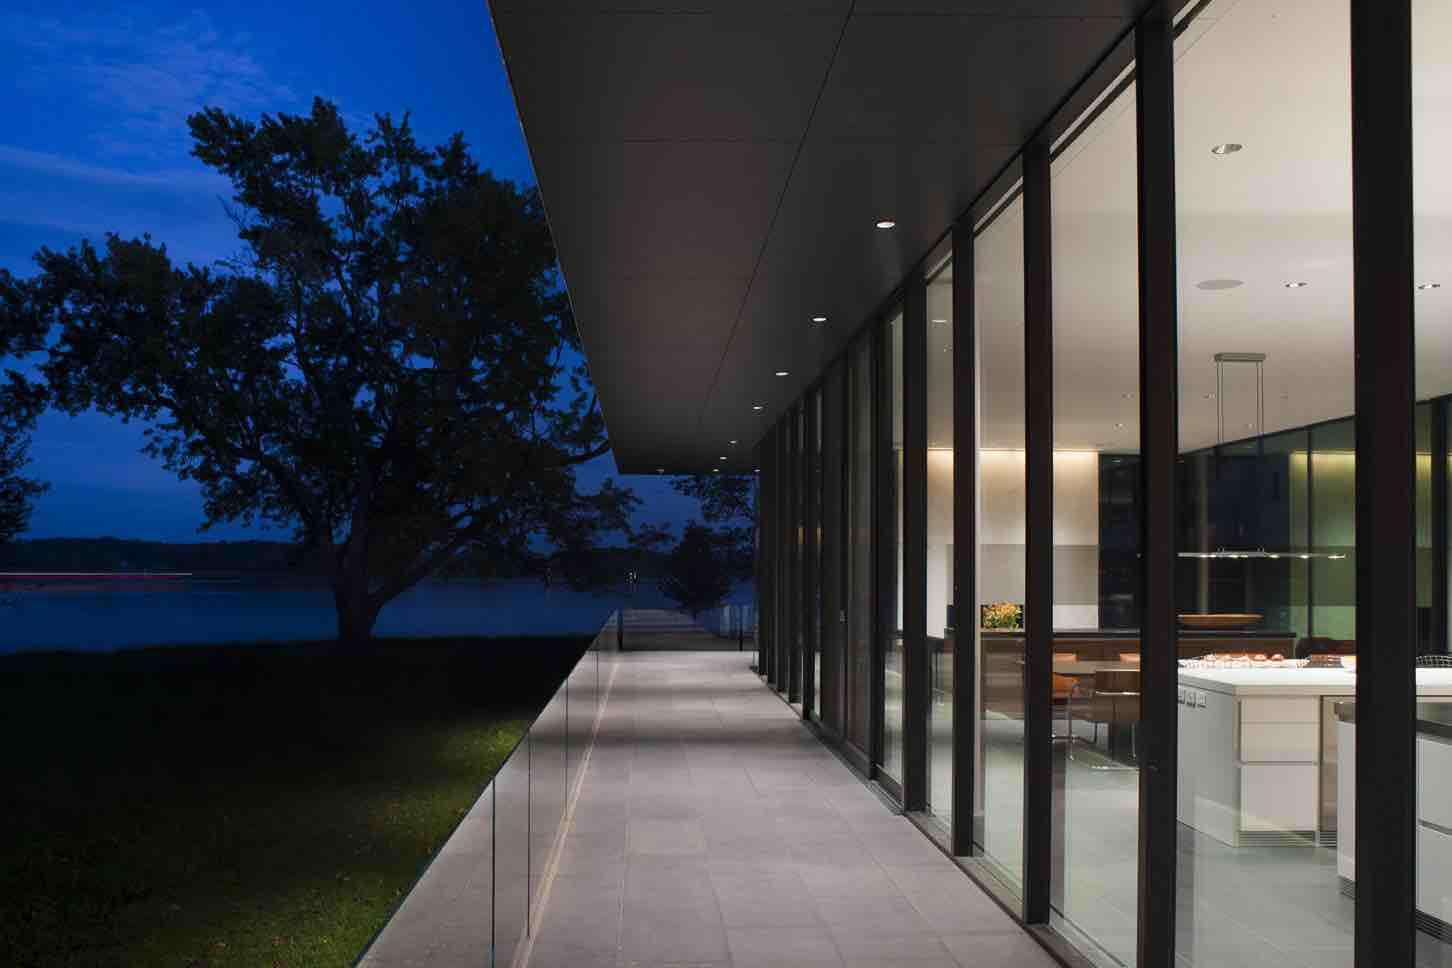 tred-avon-river-house-robert-m-gurney-architect_mackenzie-gurney-guttmanresidence-33